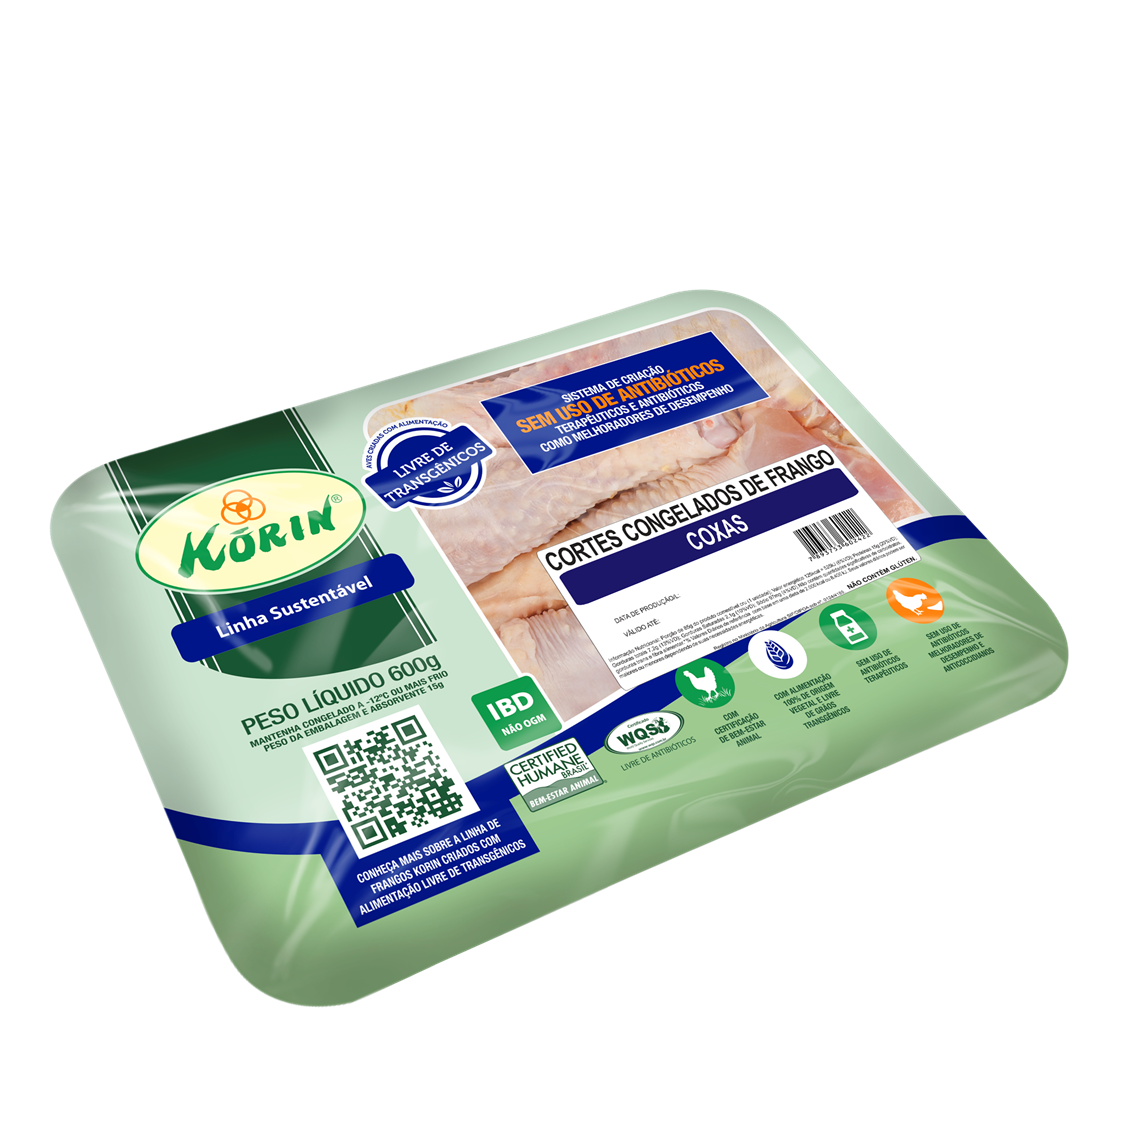 Coxa de Frango Sustentável (600g) – Korin